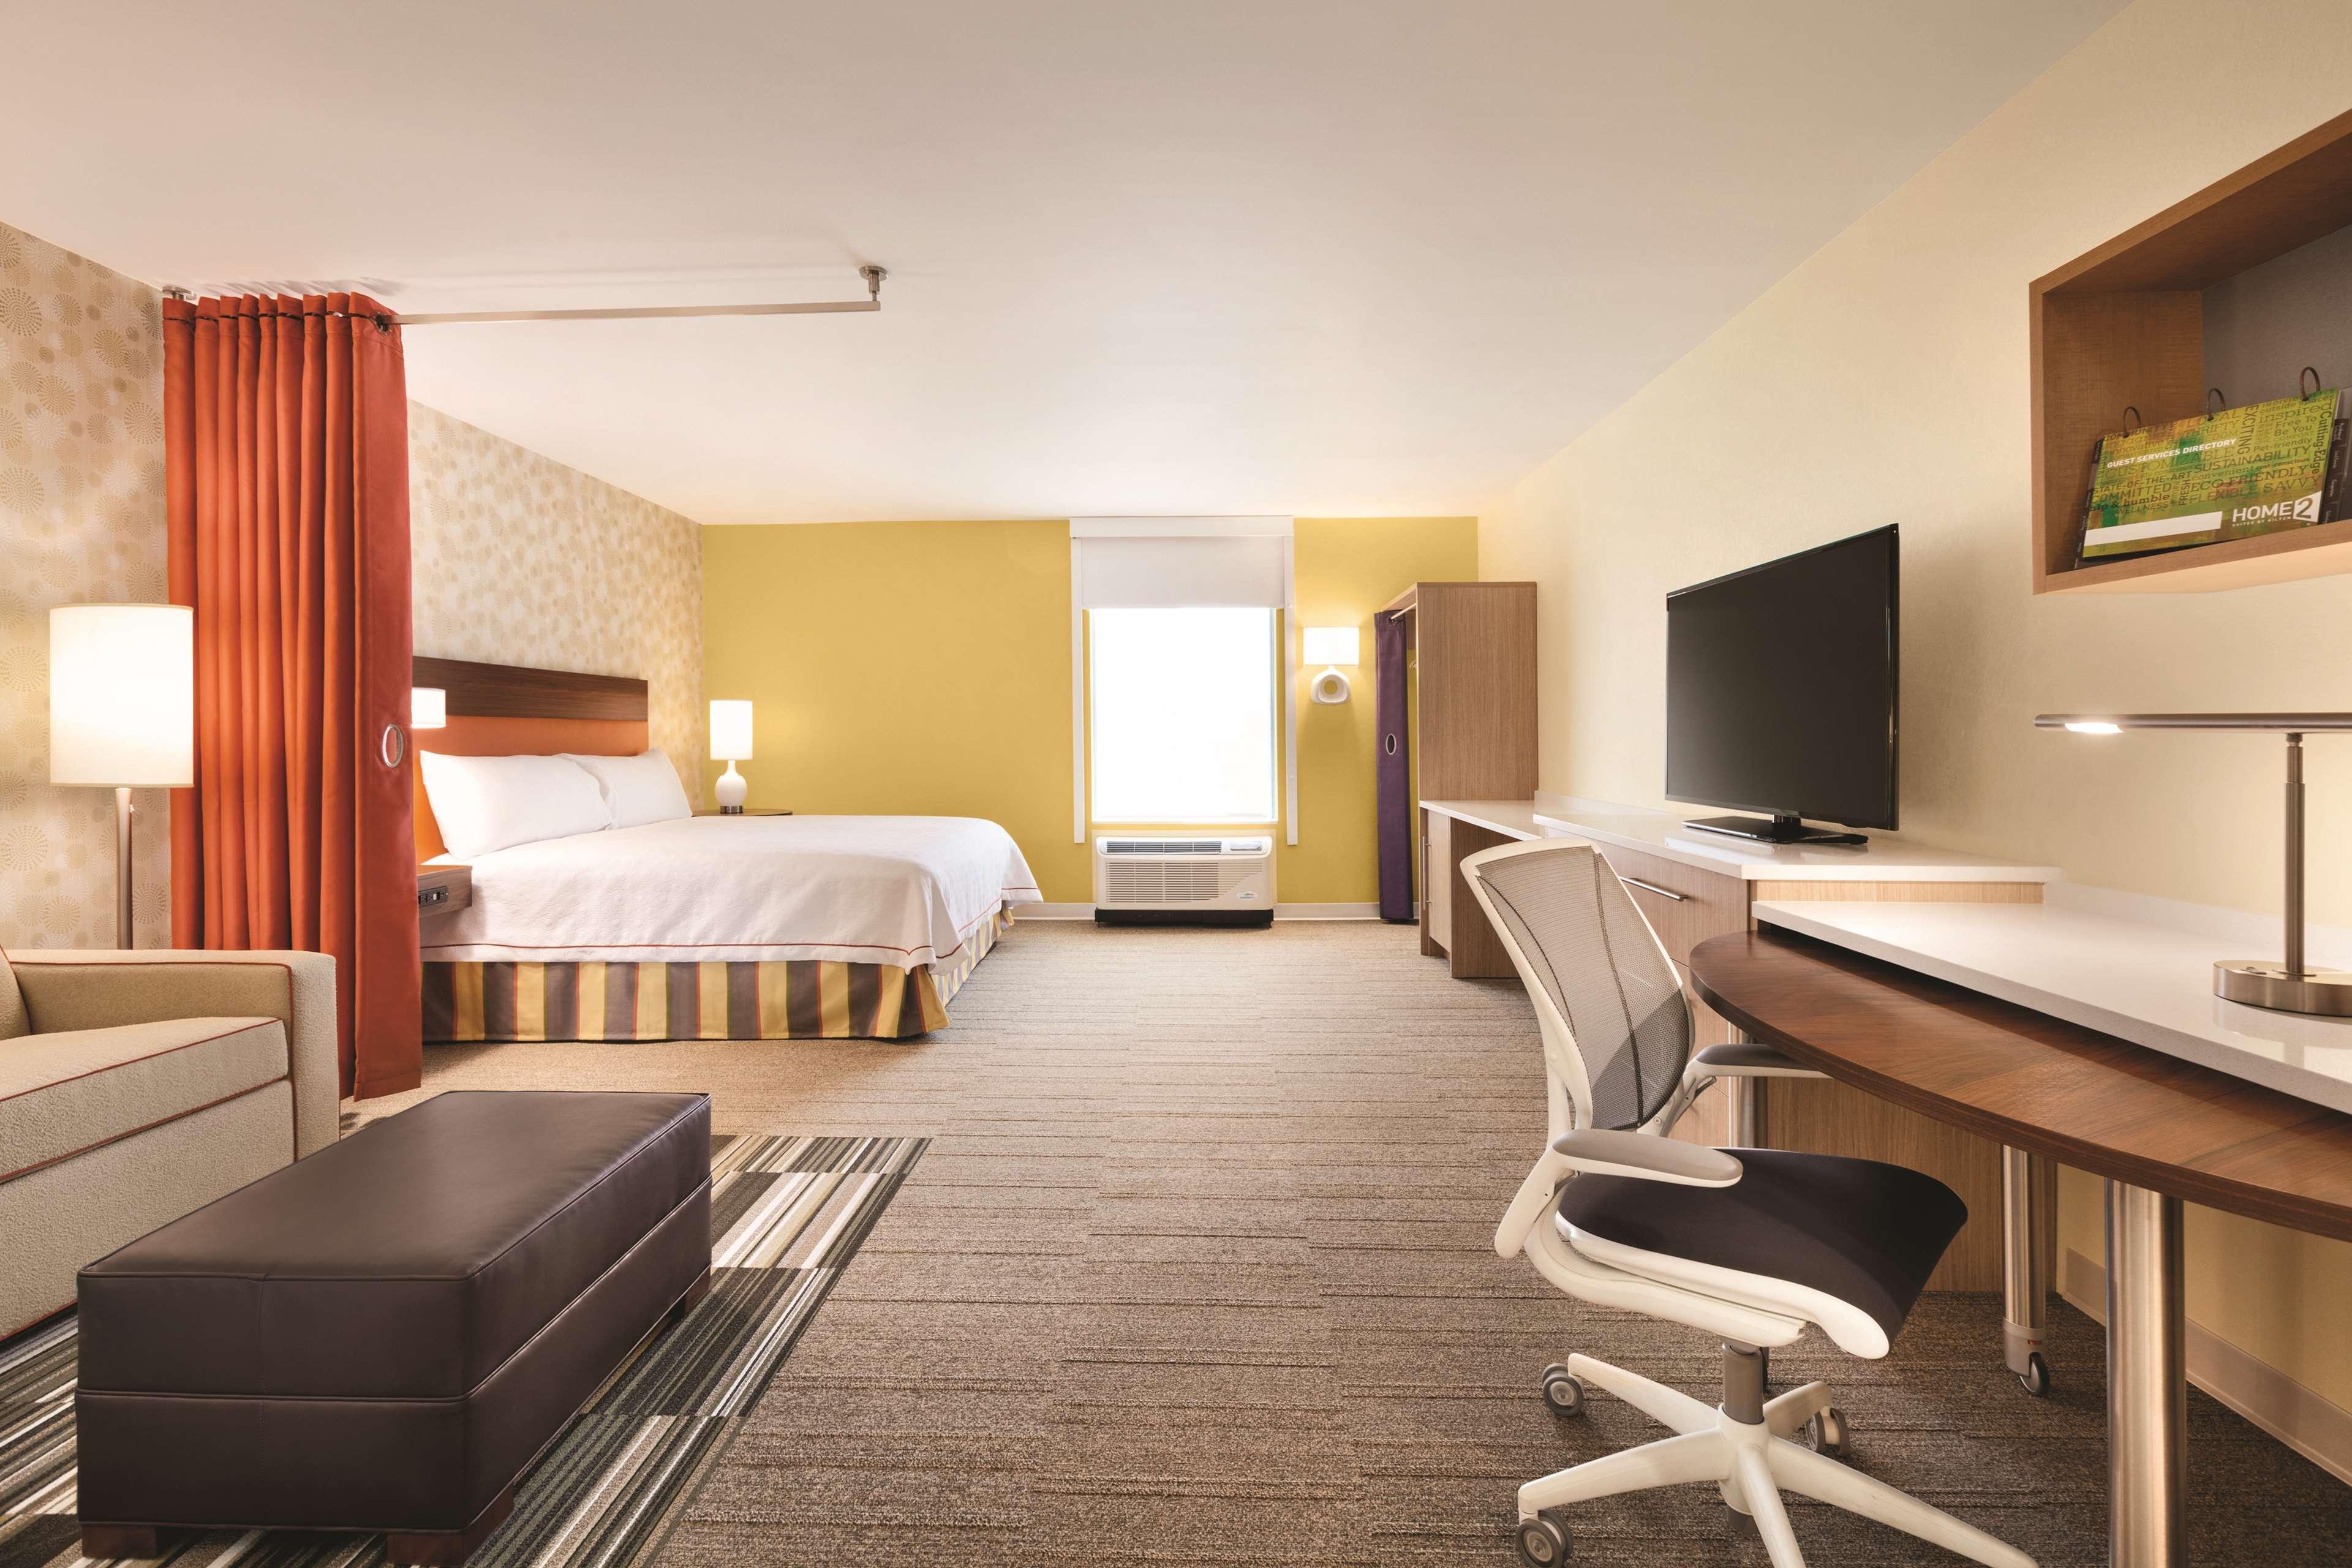 Home2 Suites by Hilton Phoenix-Tempe ASU Research Park image 27